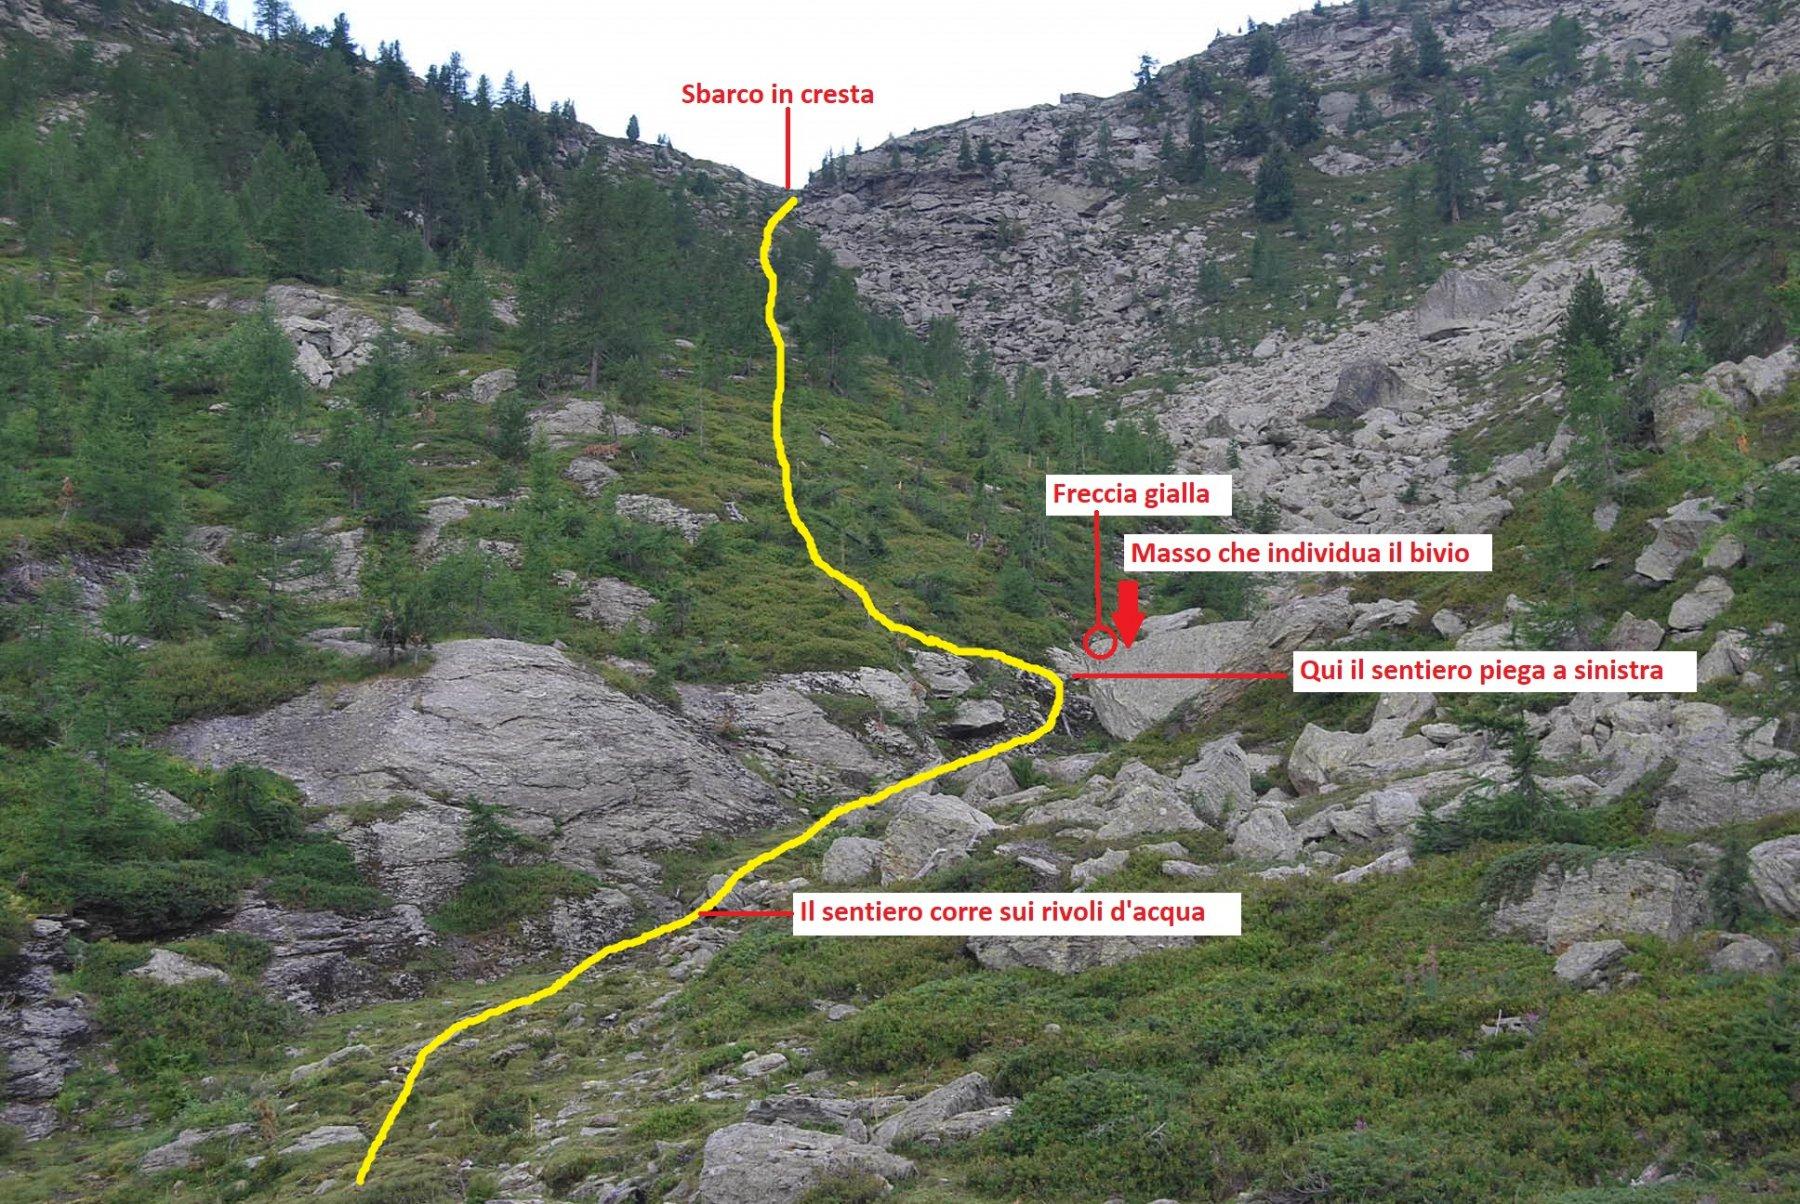 Visto dallo spiazzo erboso presso gli alpeggi, il percorso di salita. Il sentiero è sempre a sinistra della pietraia; al masso la svolta non è però ben indicata